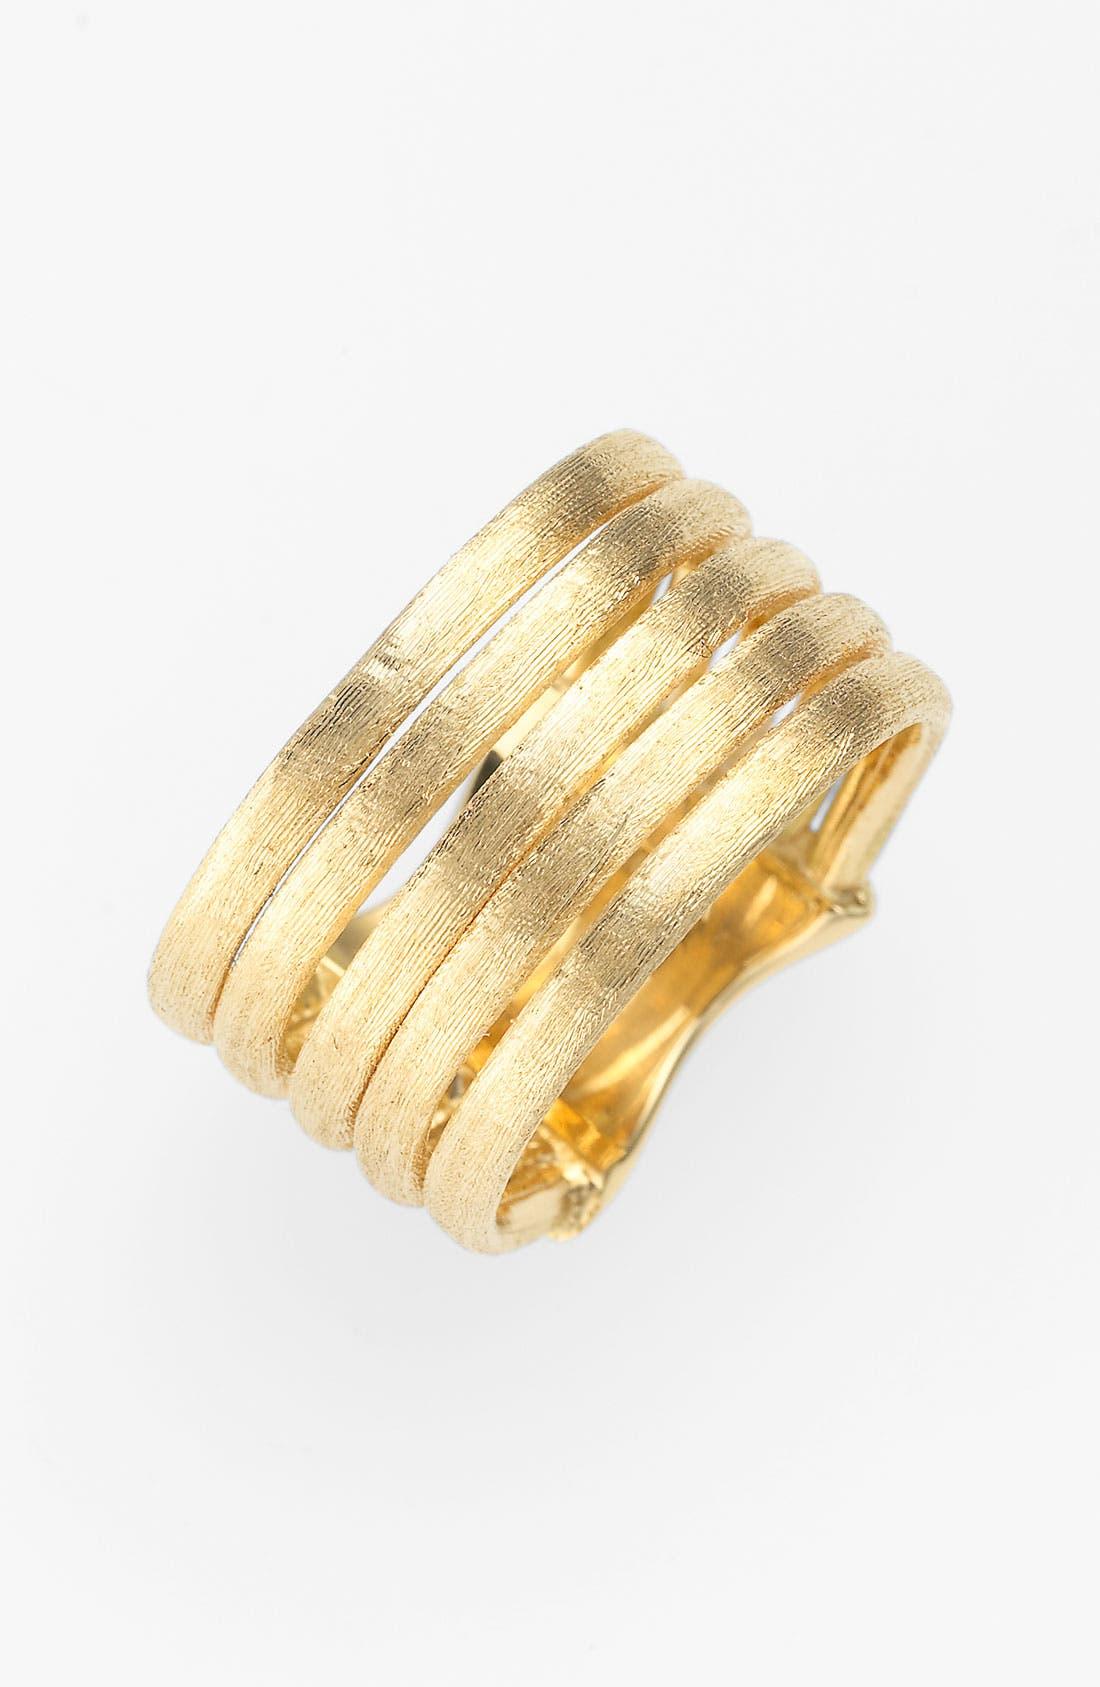 Main Image - Marco Bicego 'Jaipur' Gold Ring